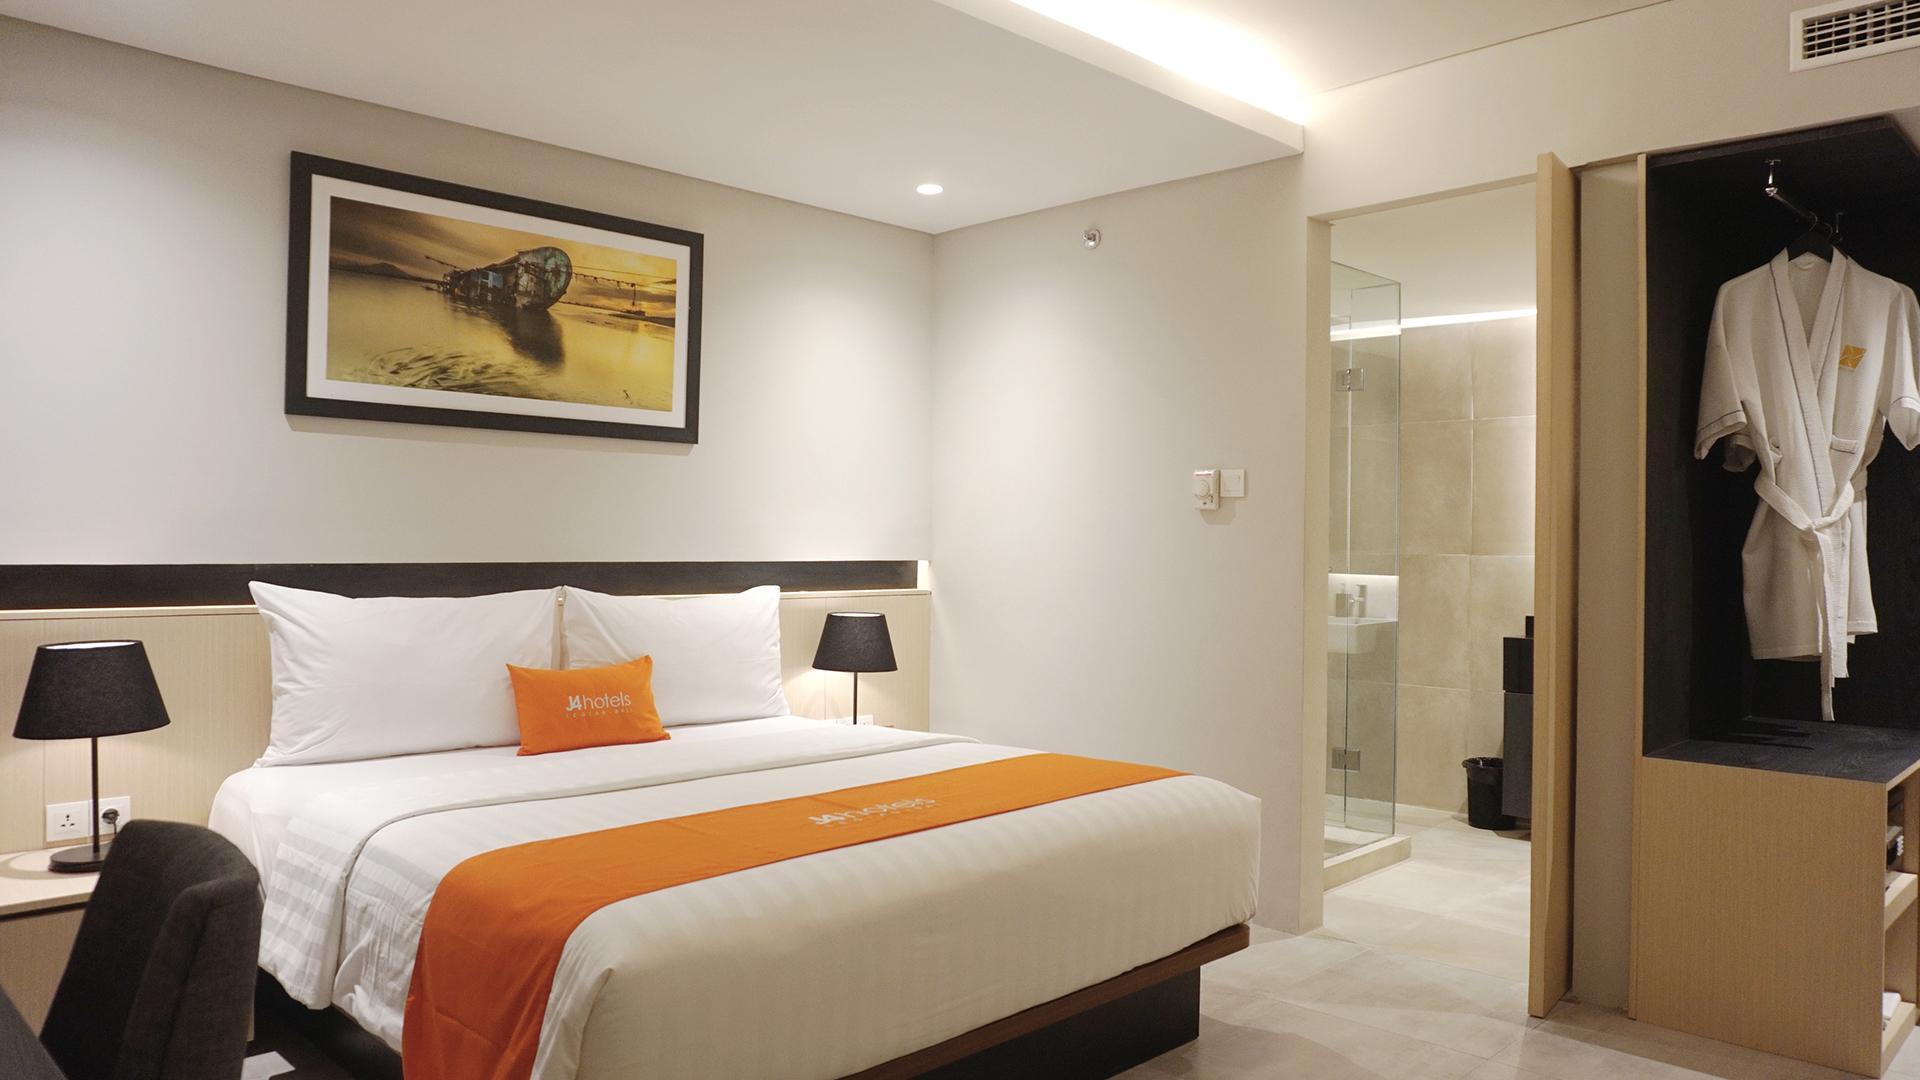 Grand Superior Room image 1 at J4 Hotels Legian by Kabupaten Badung, Bali, Indonesia